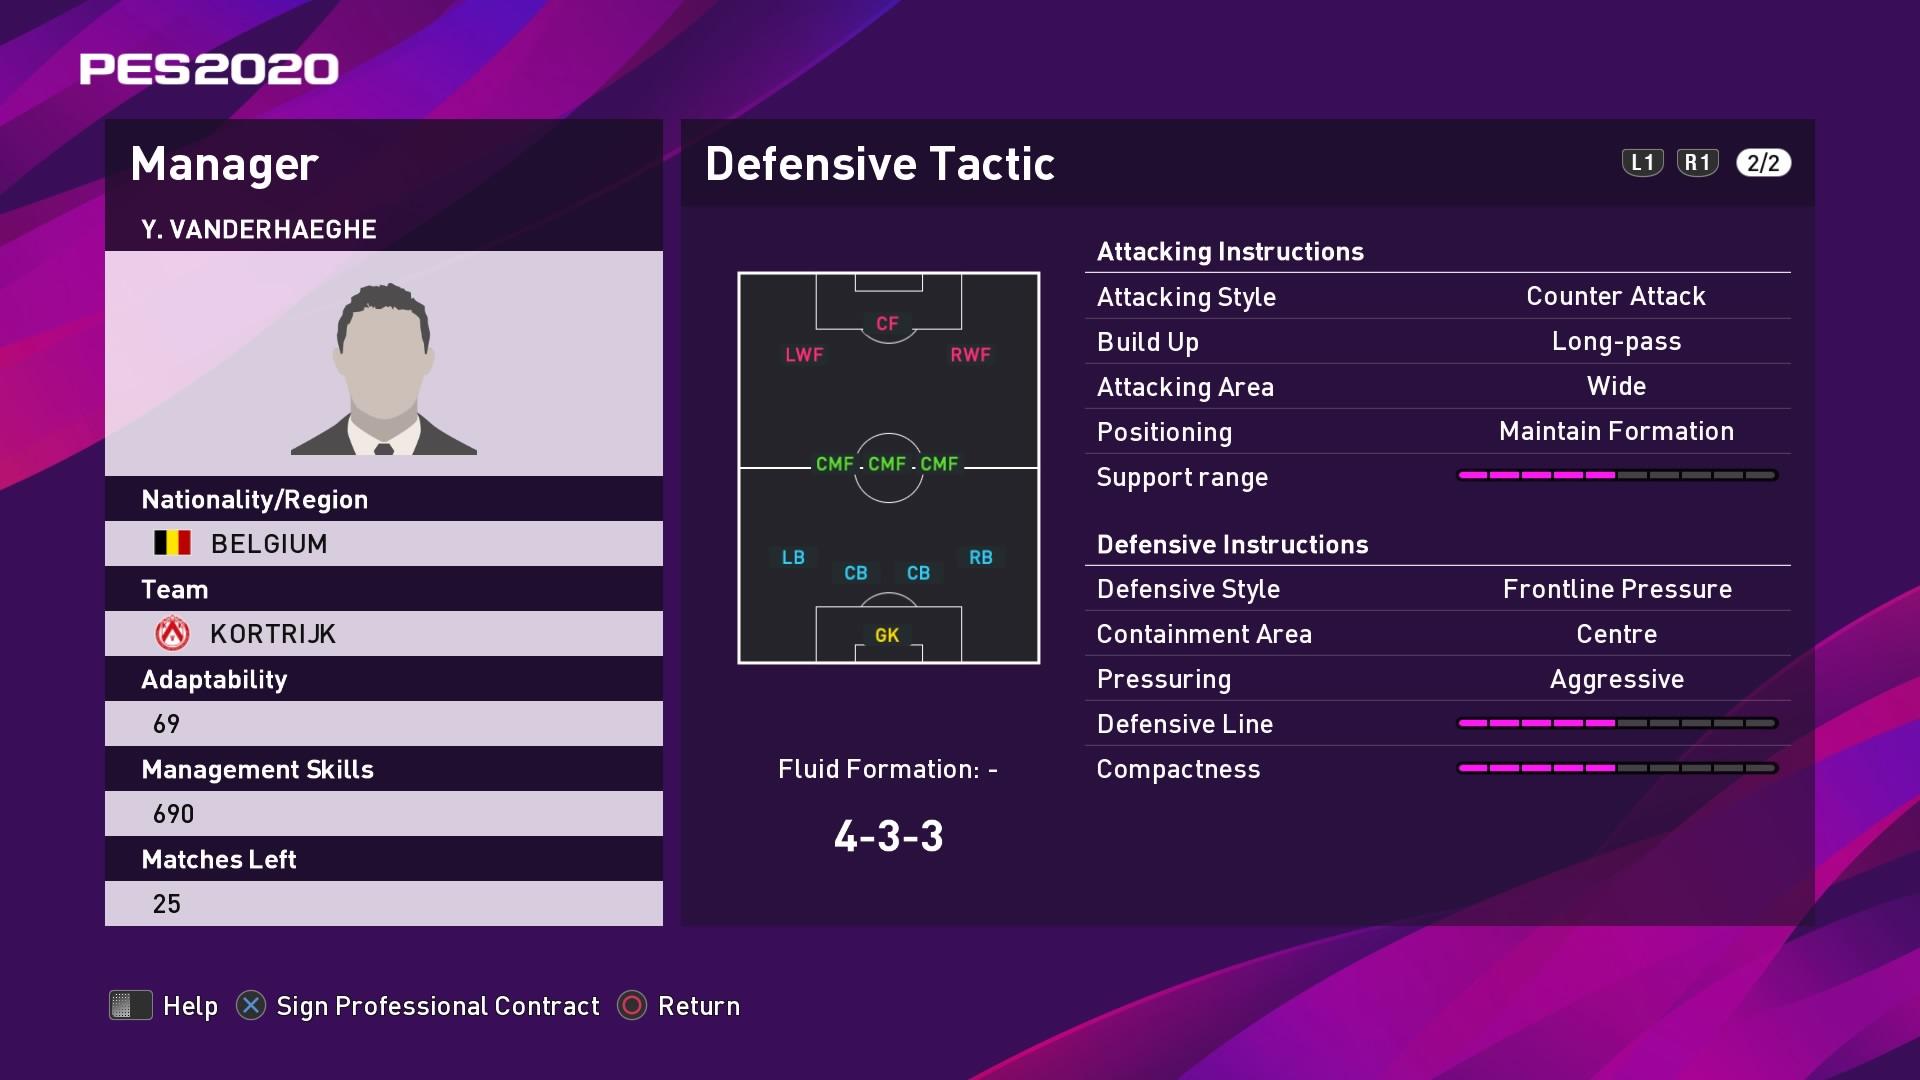 Y. Vanderhaeghe (Yves Vanderhaeghe) Defensive Tactic in PES 2020 myClub